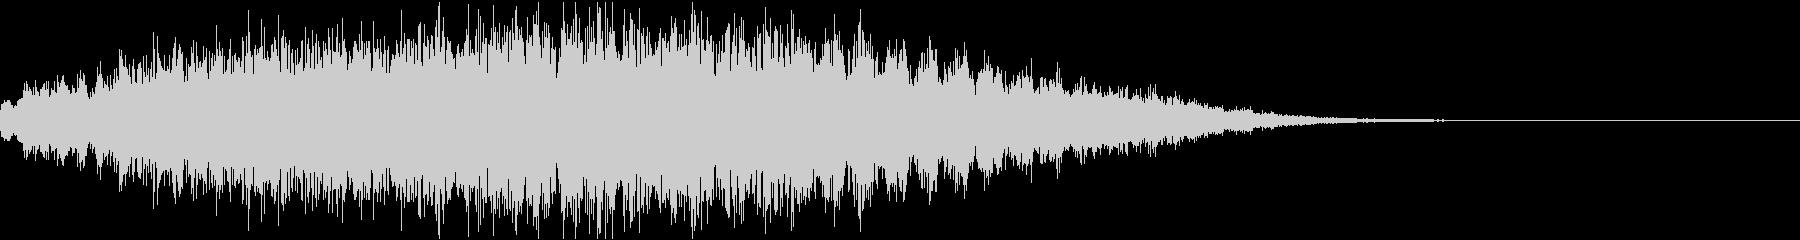 ワープ・転送・上昇音の未再生の波形